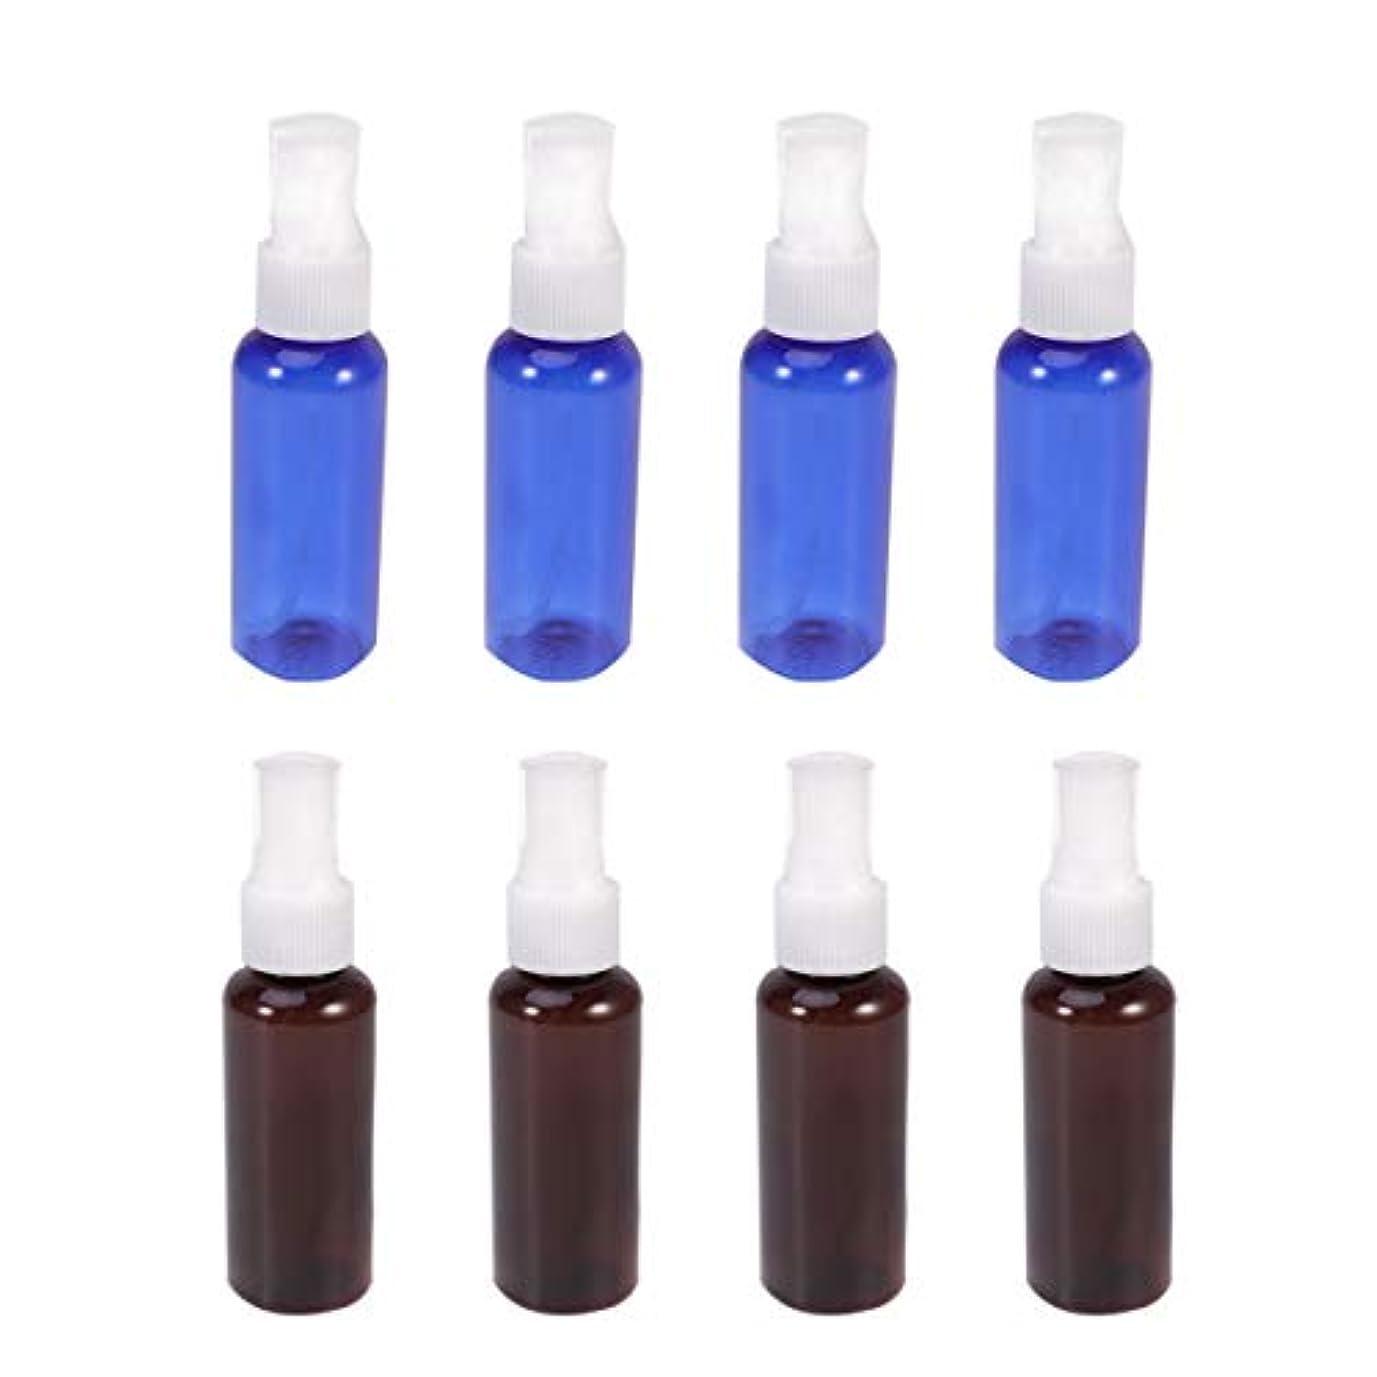 困難参加する契約Lurrose 8個50 mlプラスチックスプレーボトルミニ空の香水瓶空の香水ポンプボトル(青と茶色)